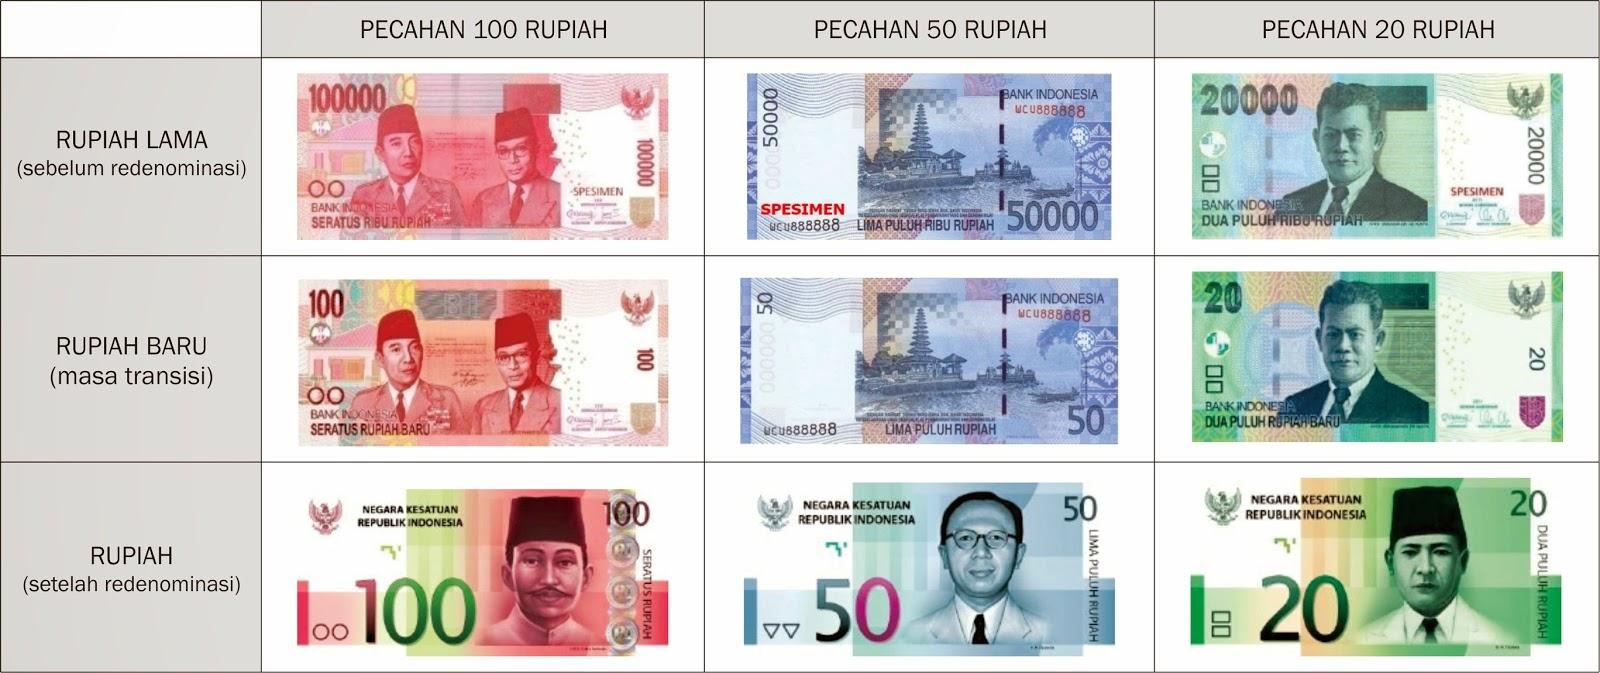 Desain Baru Mata Uang Rupiah Redominasi